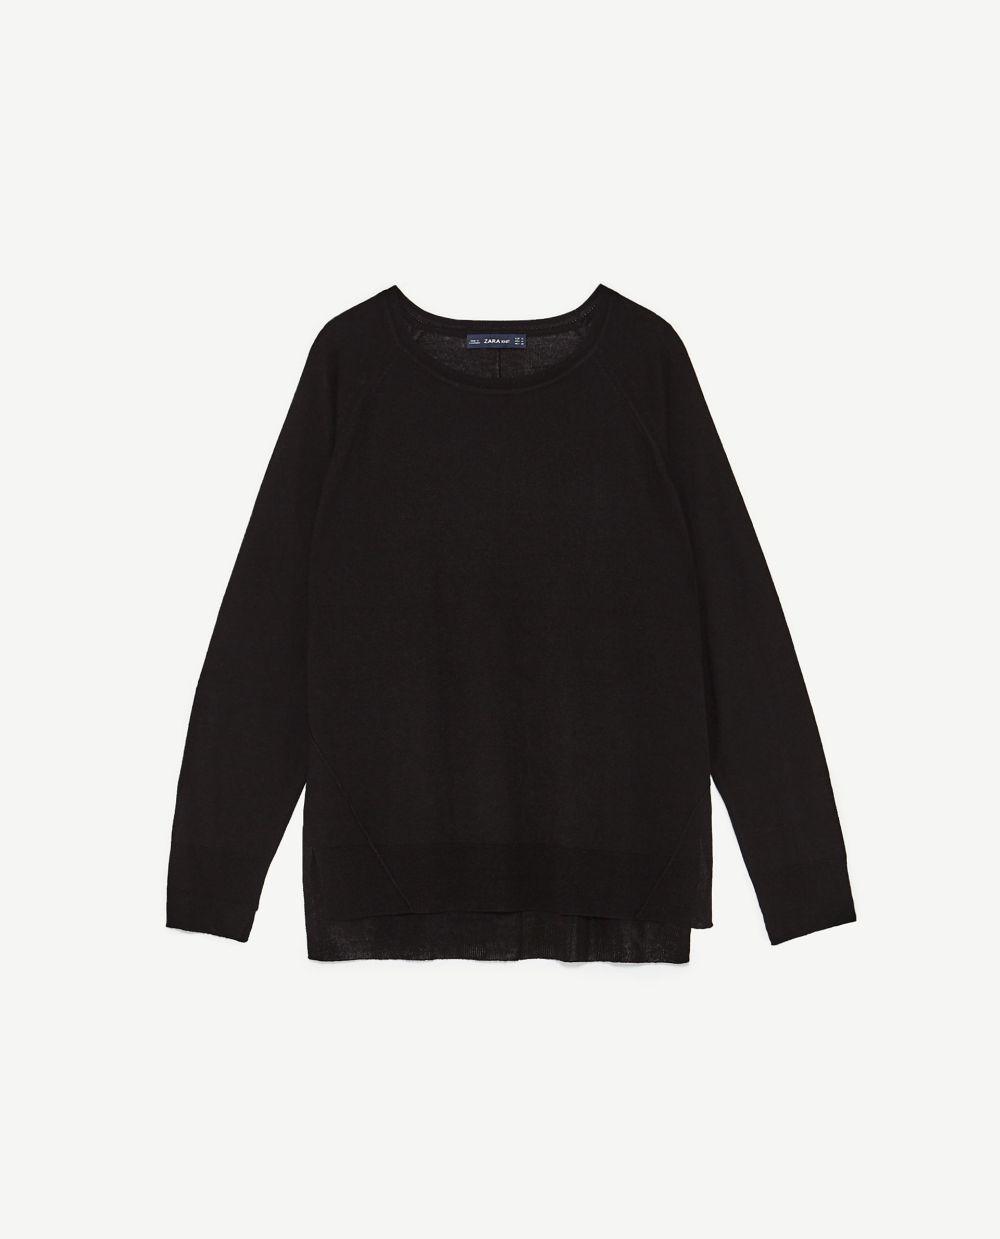 Jersey de Zara (12,95 euros)